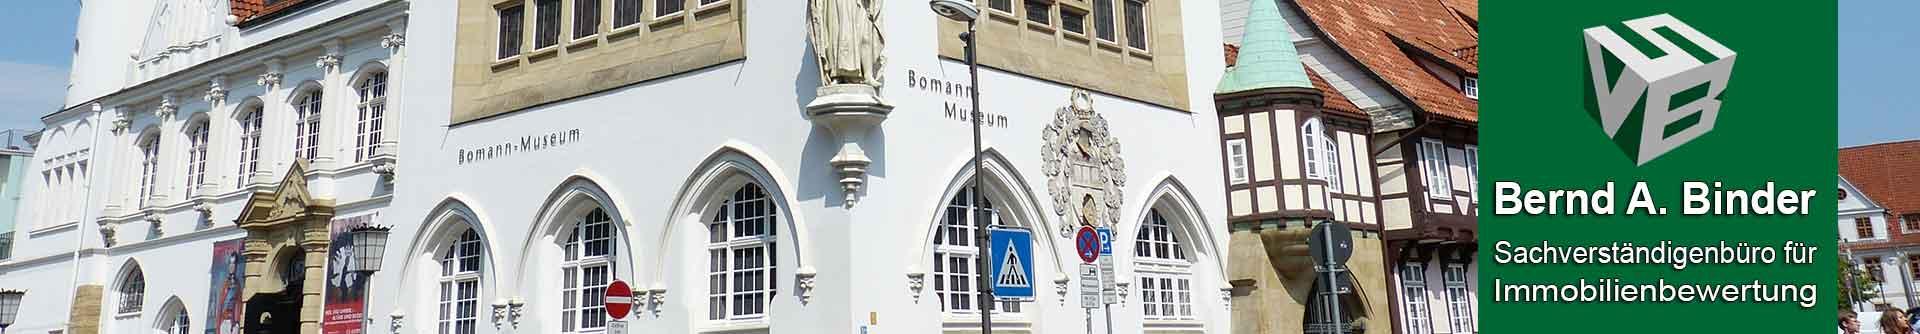 Header Altstadt Celle Sachverständiger und Gutachter für Immobilien Bernd A. Binder